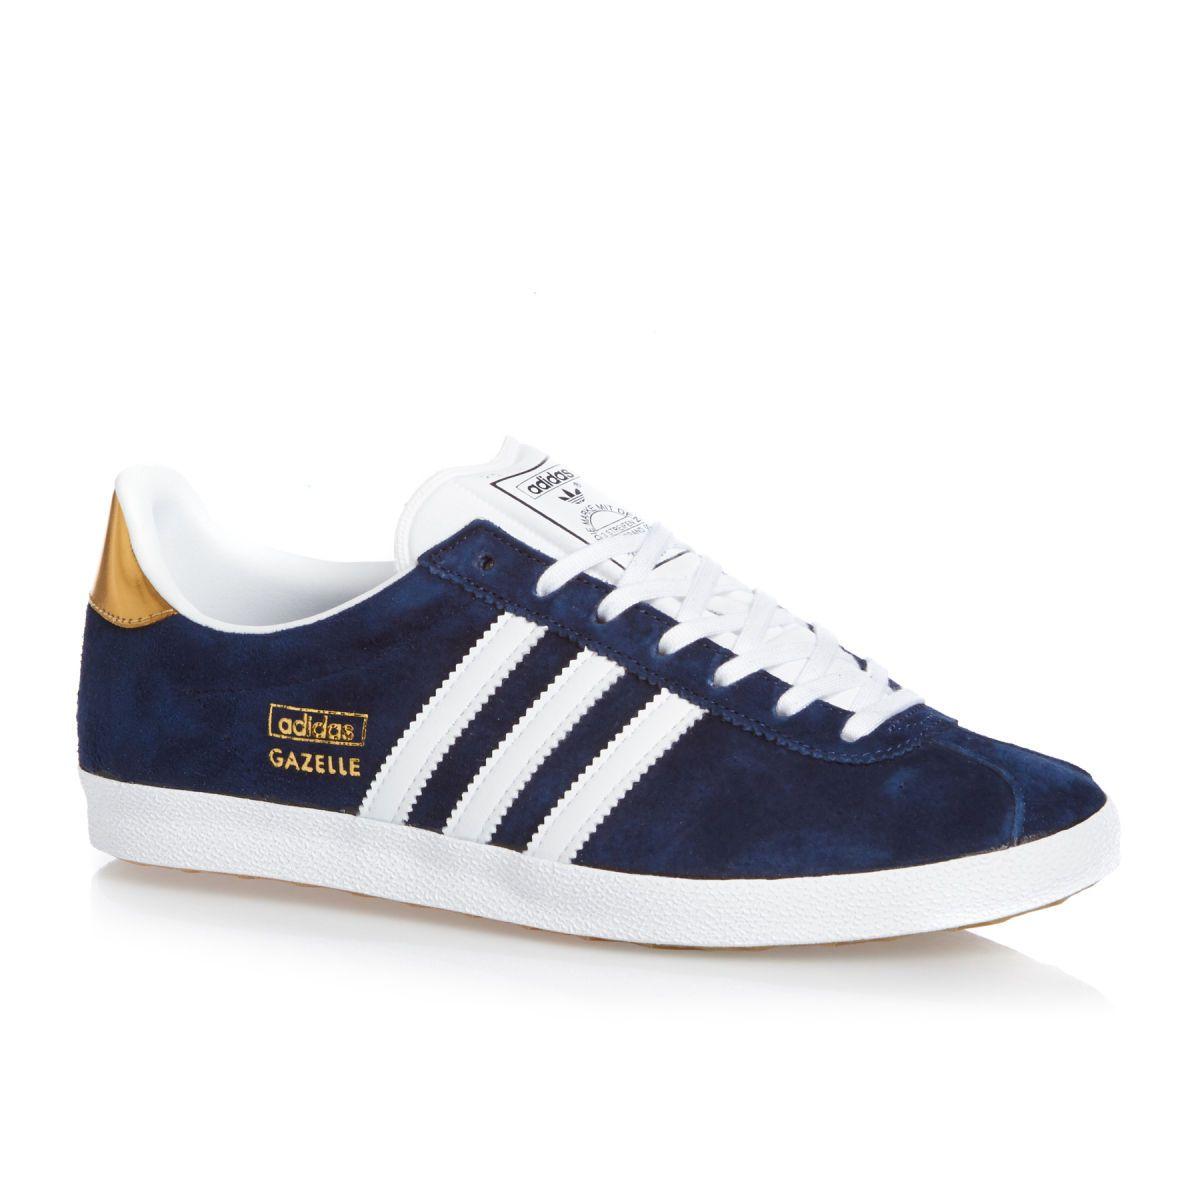 adidas Originals Gazelle OG Tennis Homme Noir/Blanc/Or kTS3Z2K